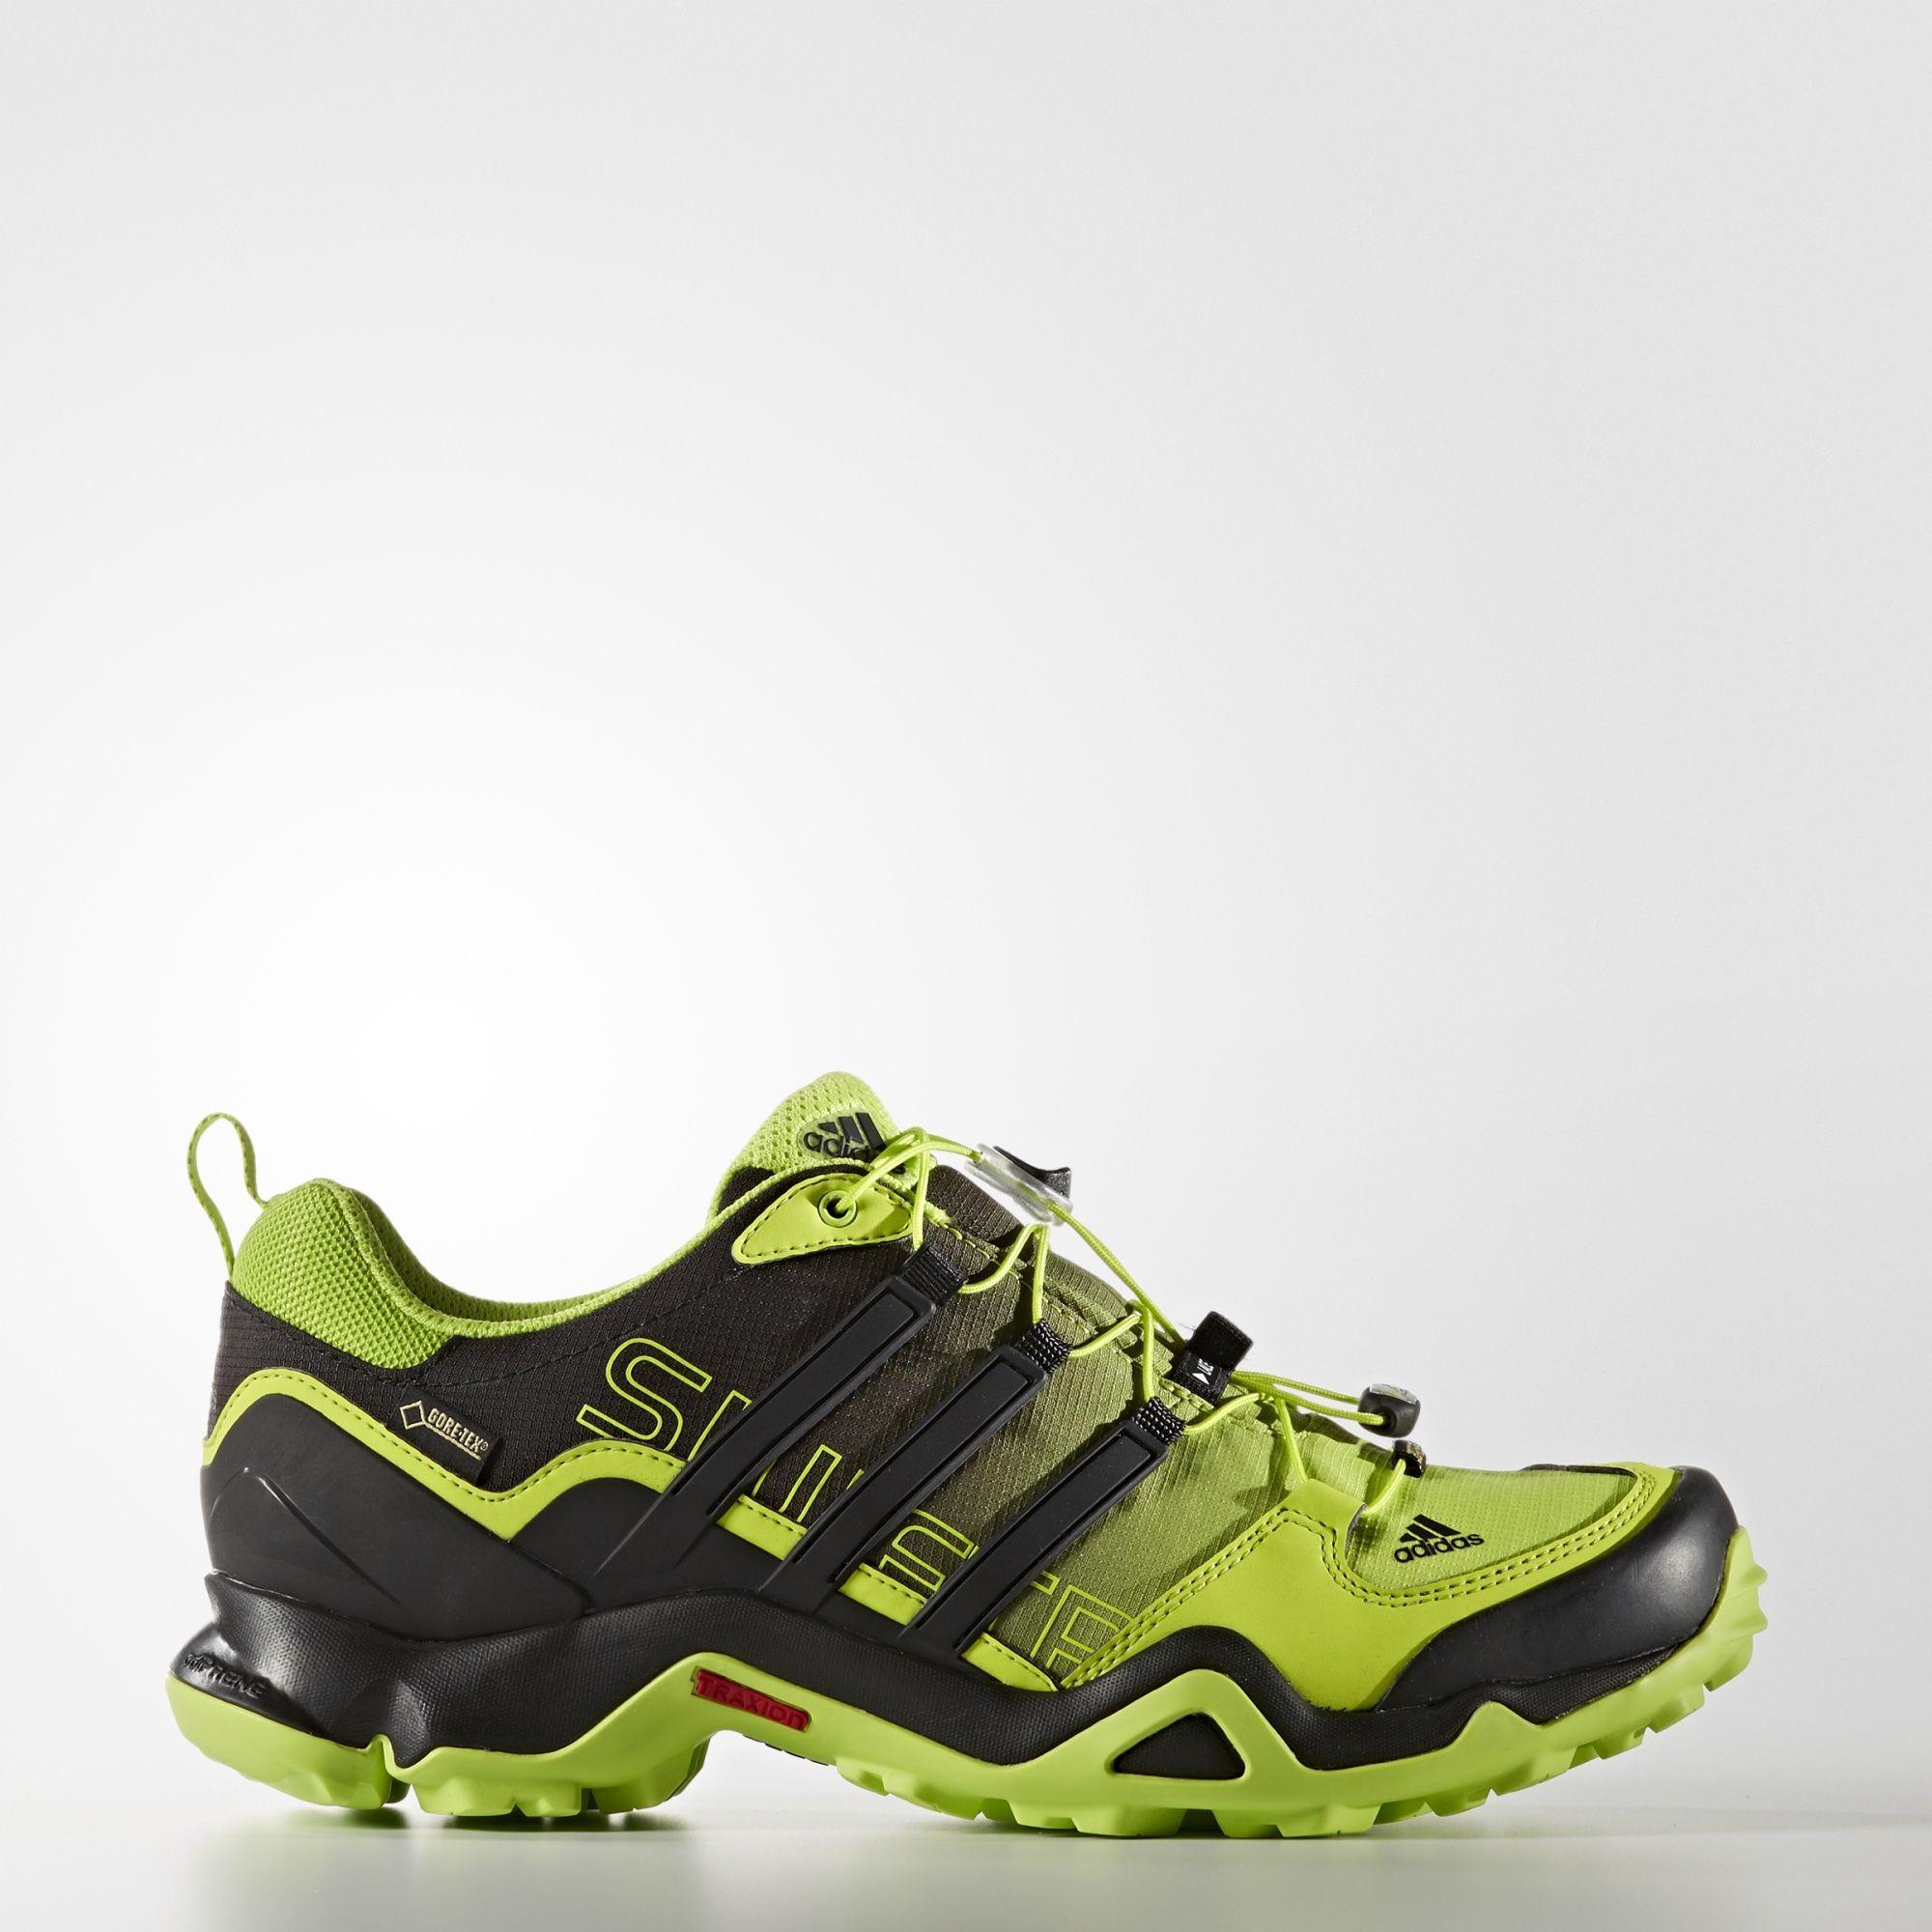 576e9f0fa Adidas Outdoor Terrex Swift R GTX Shoes